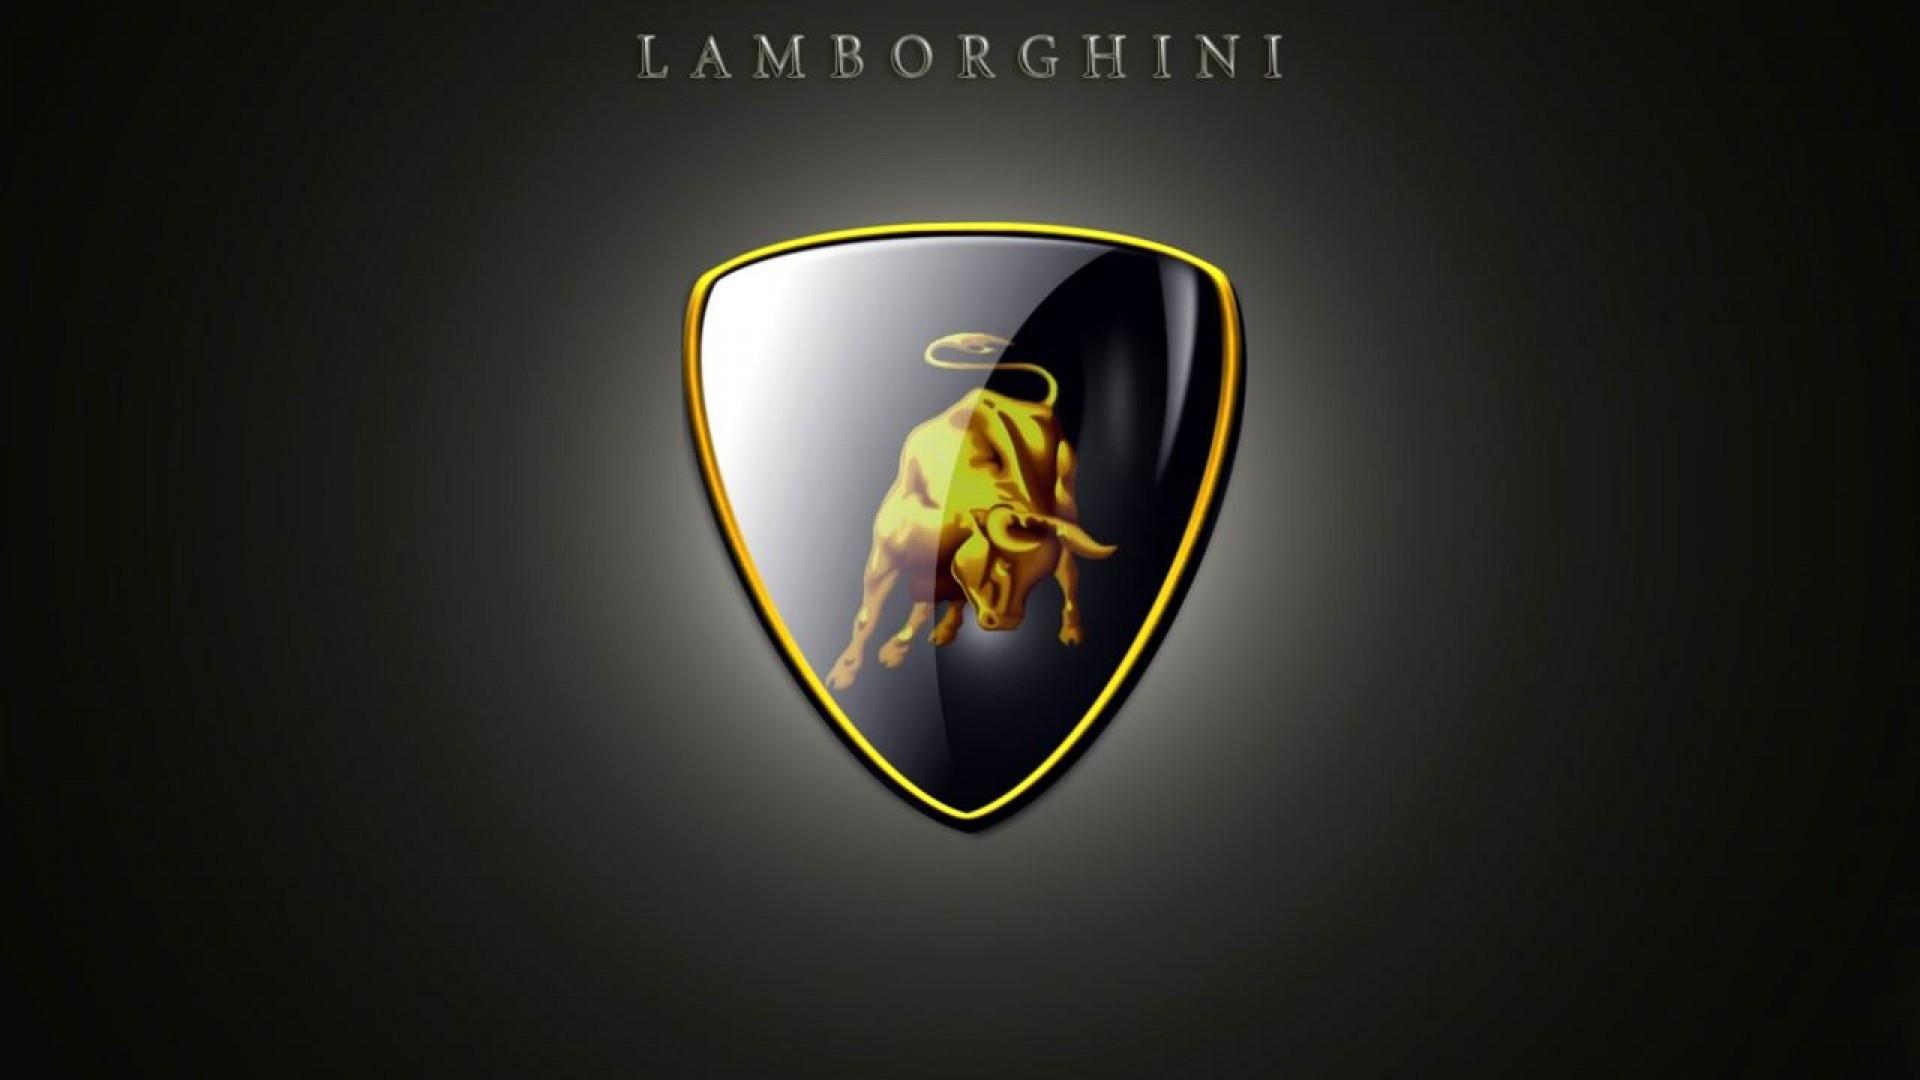 Lamborghini Logo 3d And Hd Wallpaper For Desktop And Mobiles